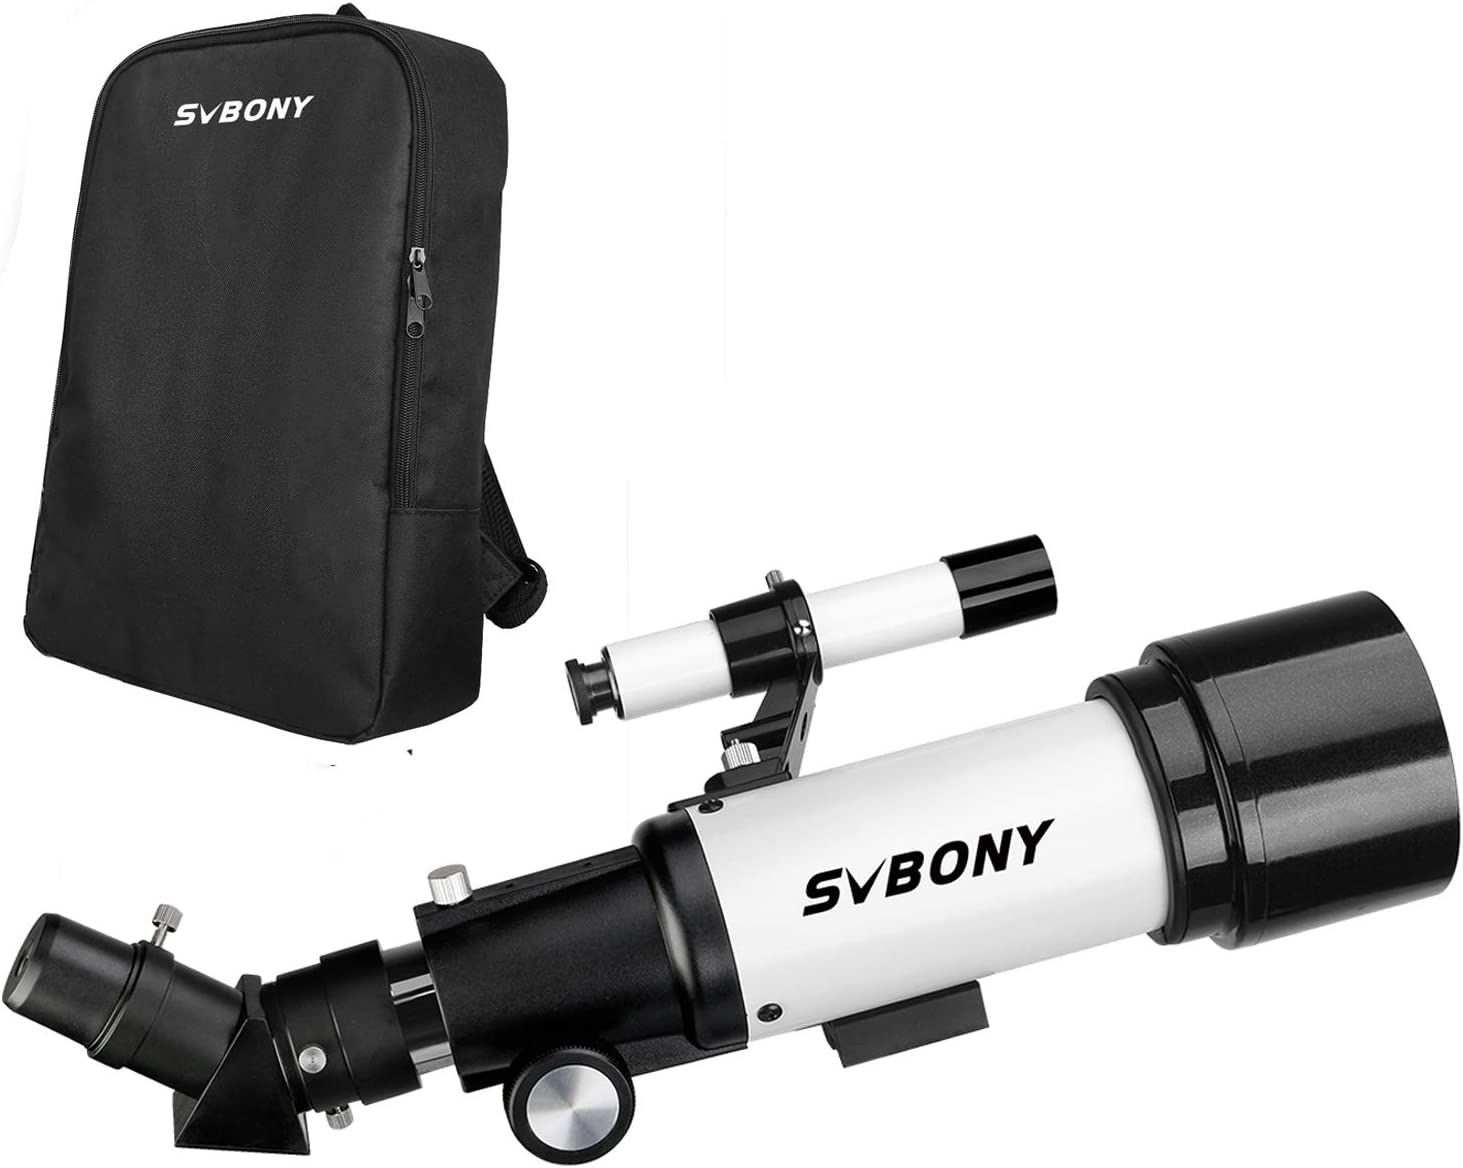 Svbony SV501P Telescopio Astronomico Profesional,70/400mm Telescopio para Niños Adultos Principiantes,con Mochilapara Observación Lunar Celestial y Terrestre